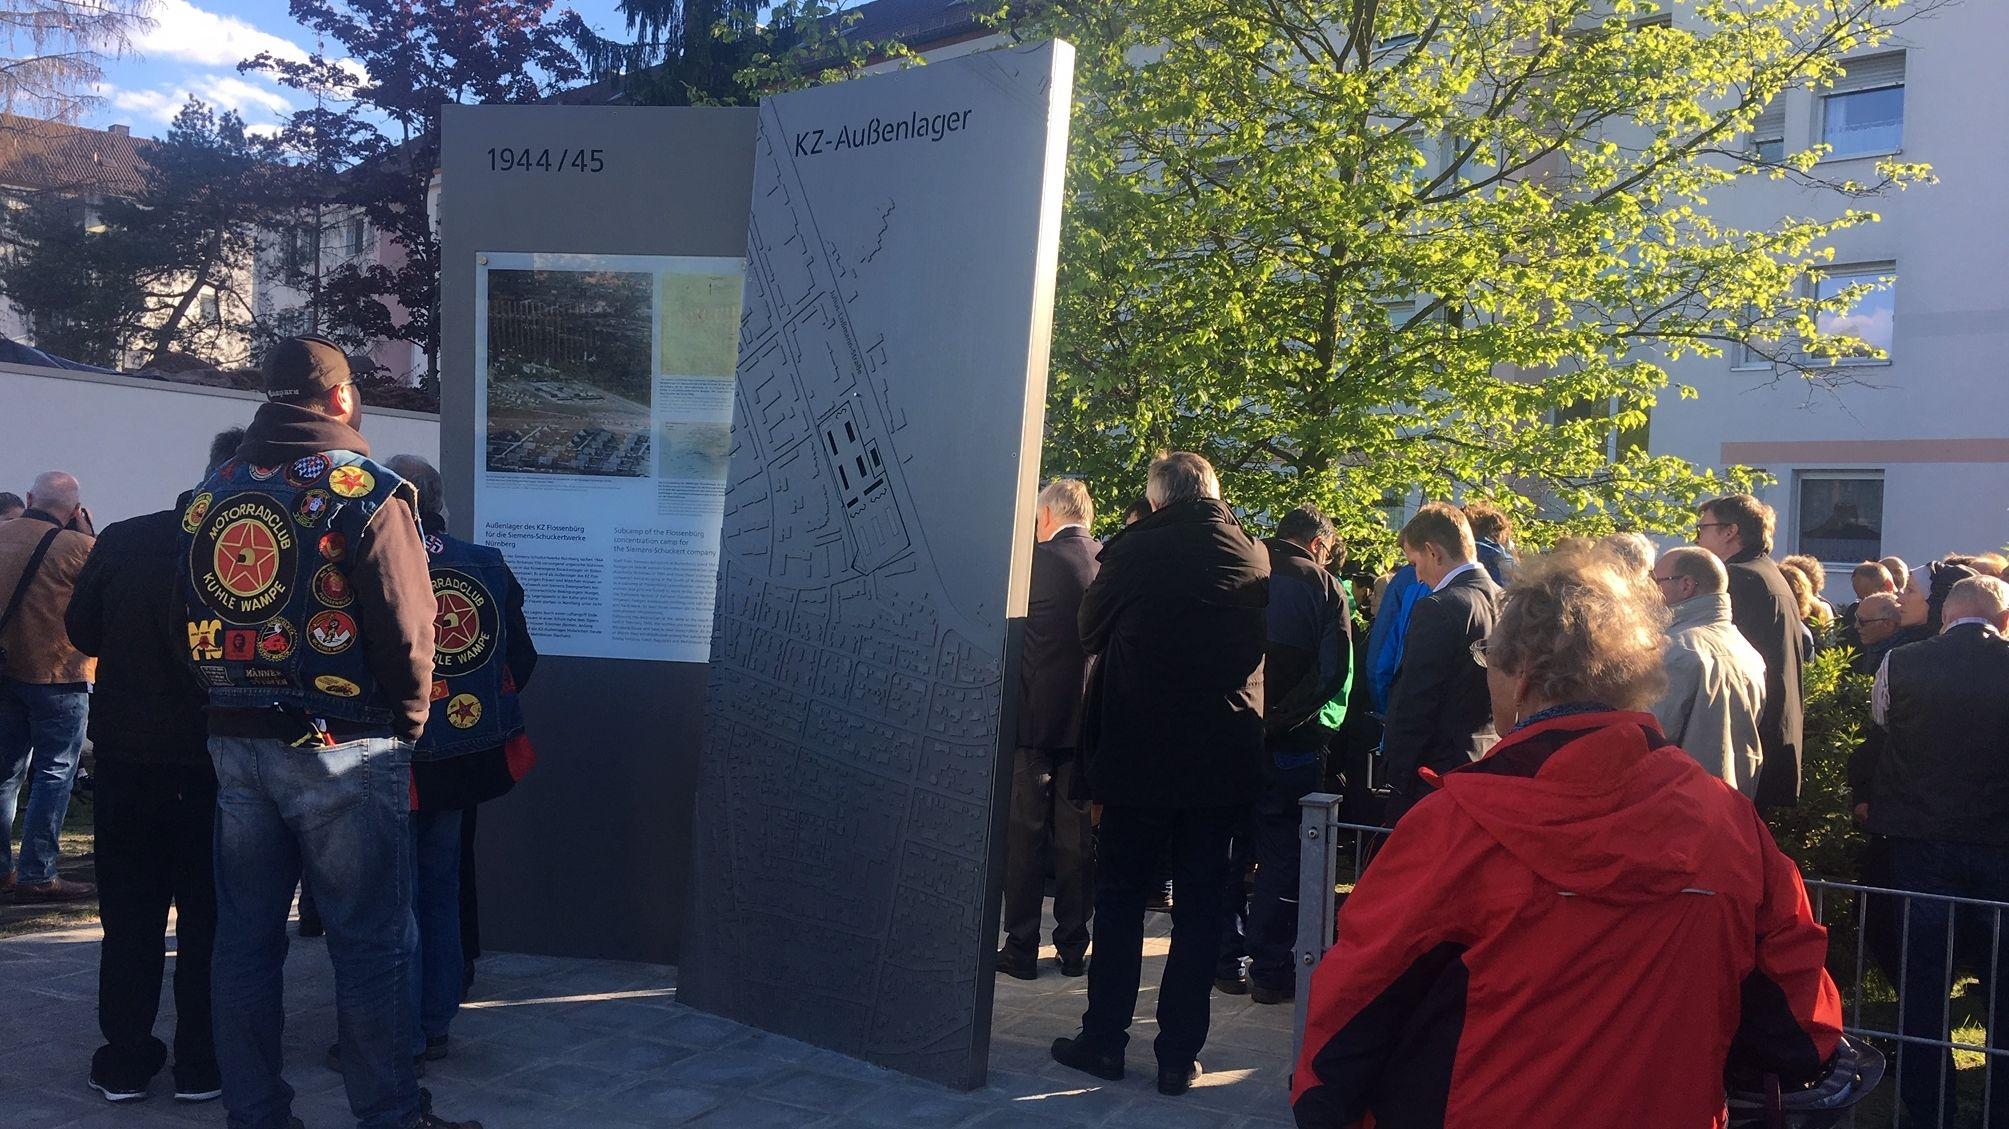 Gedenk- und Informationstafeln zum ehemaligen KZ-Außenlager